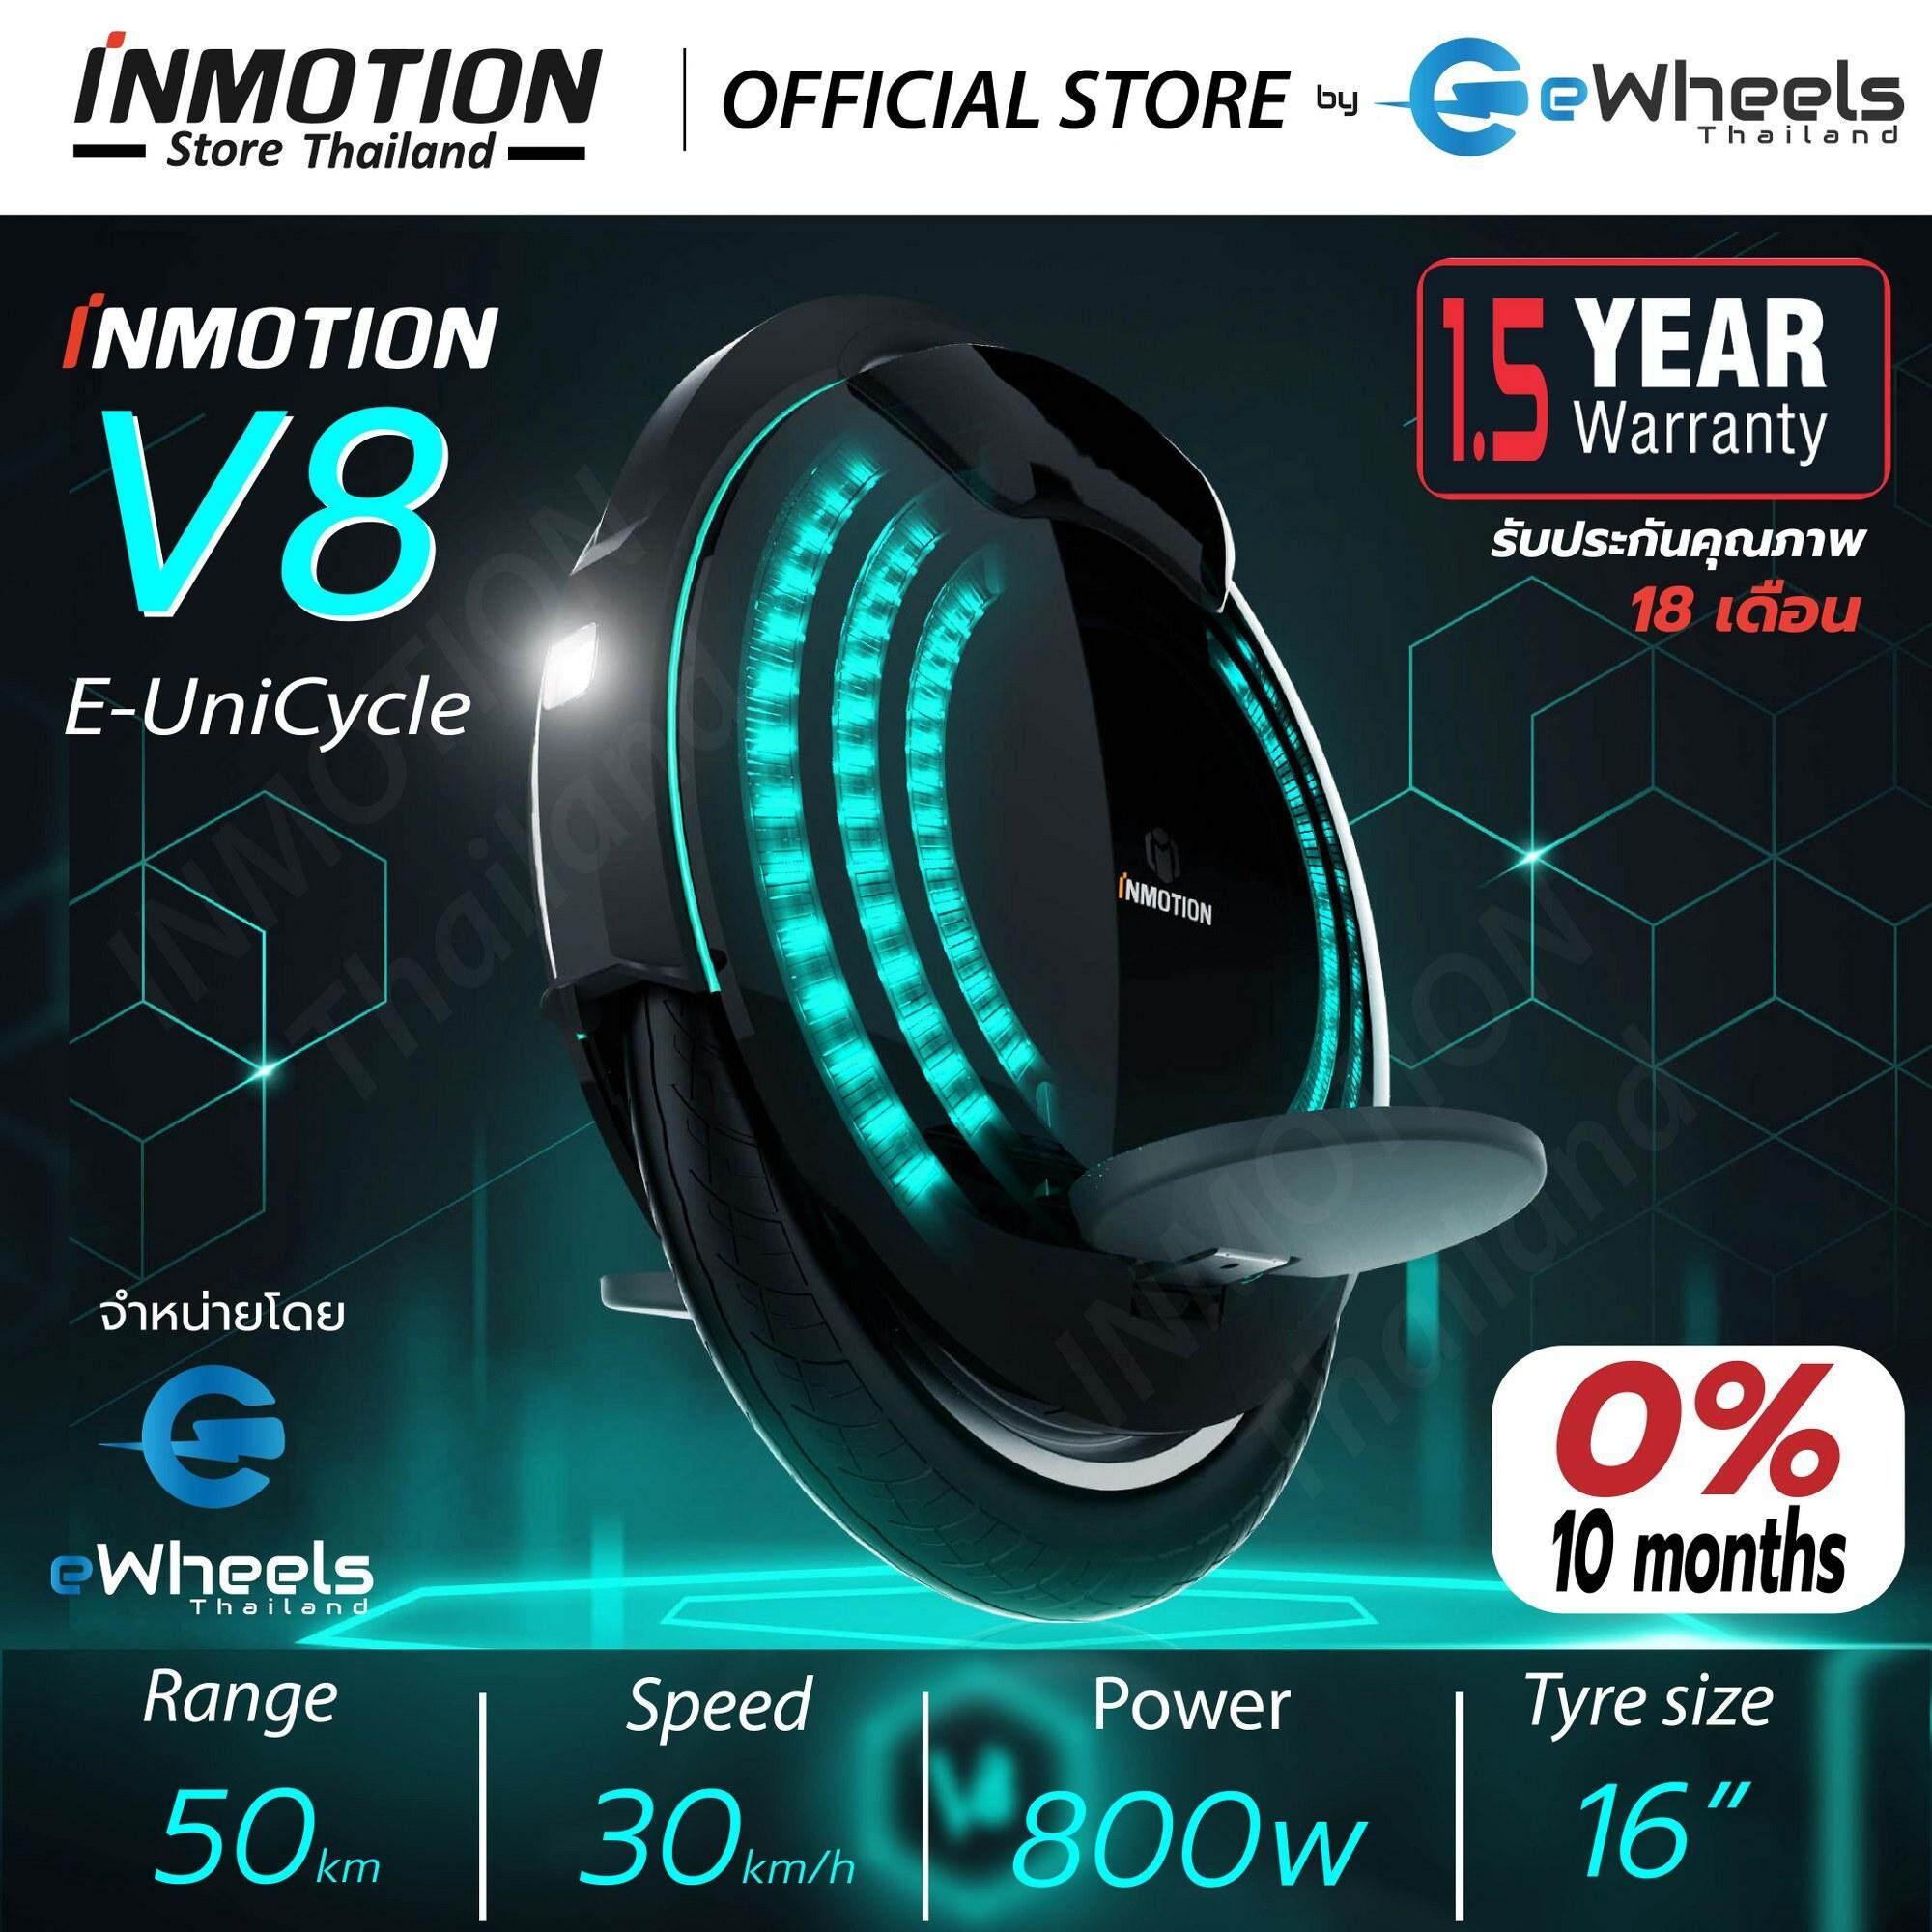 รถล้อเดียวไฟฟ้า Inmotion V8 (electric Unicycle) By Inmotion Thailand (by Ewheels Thailand).